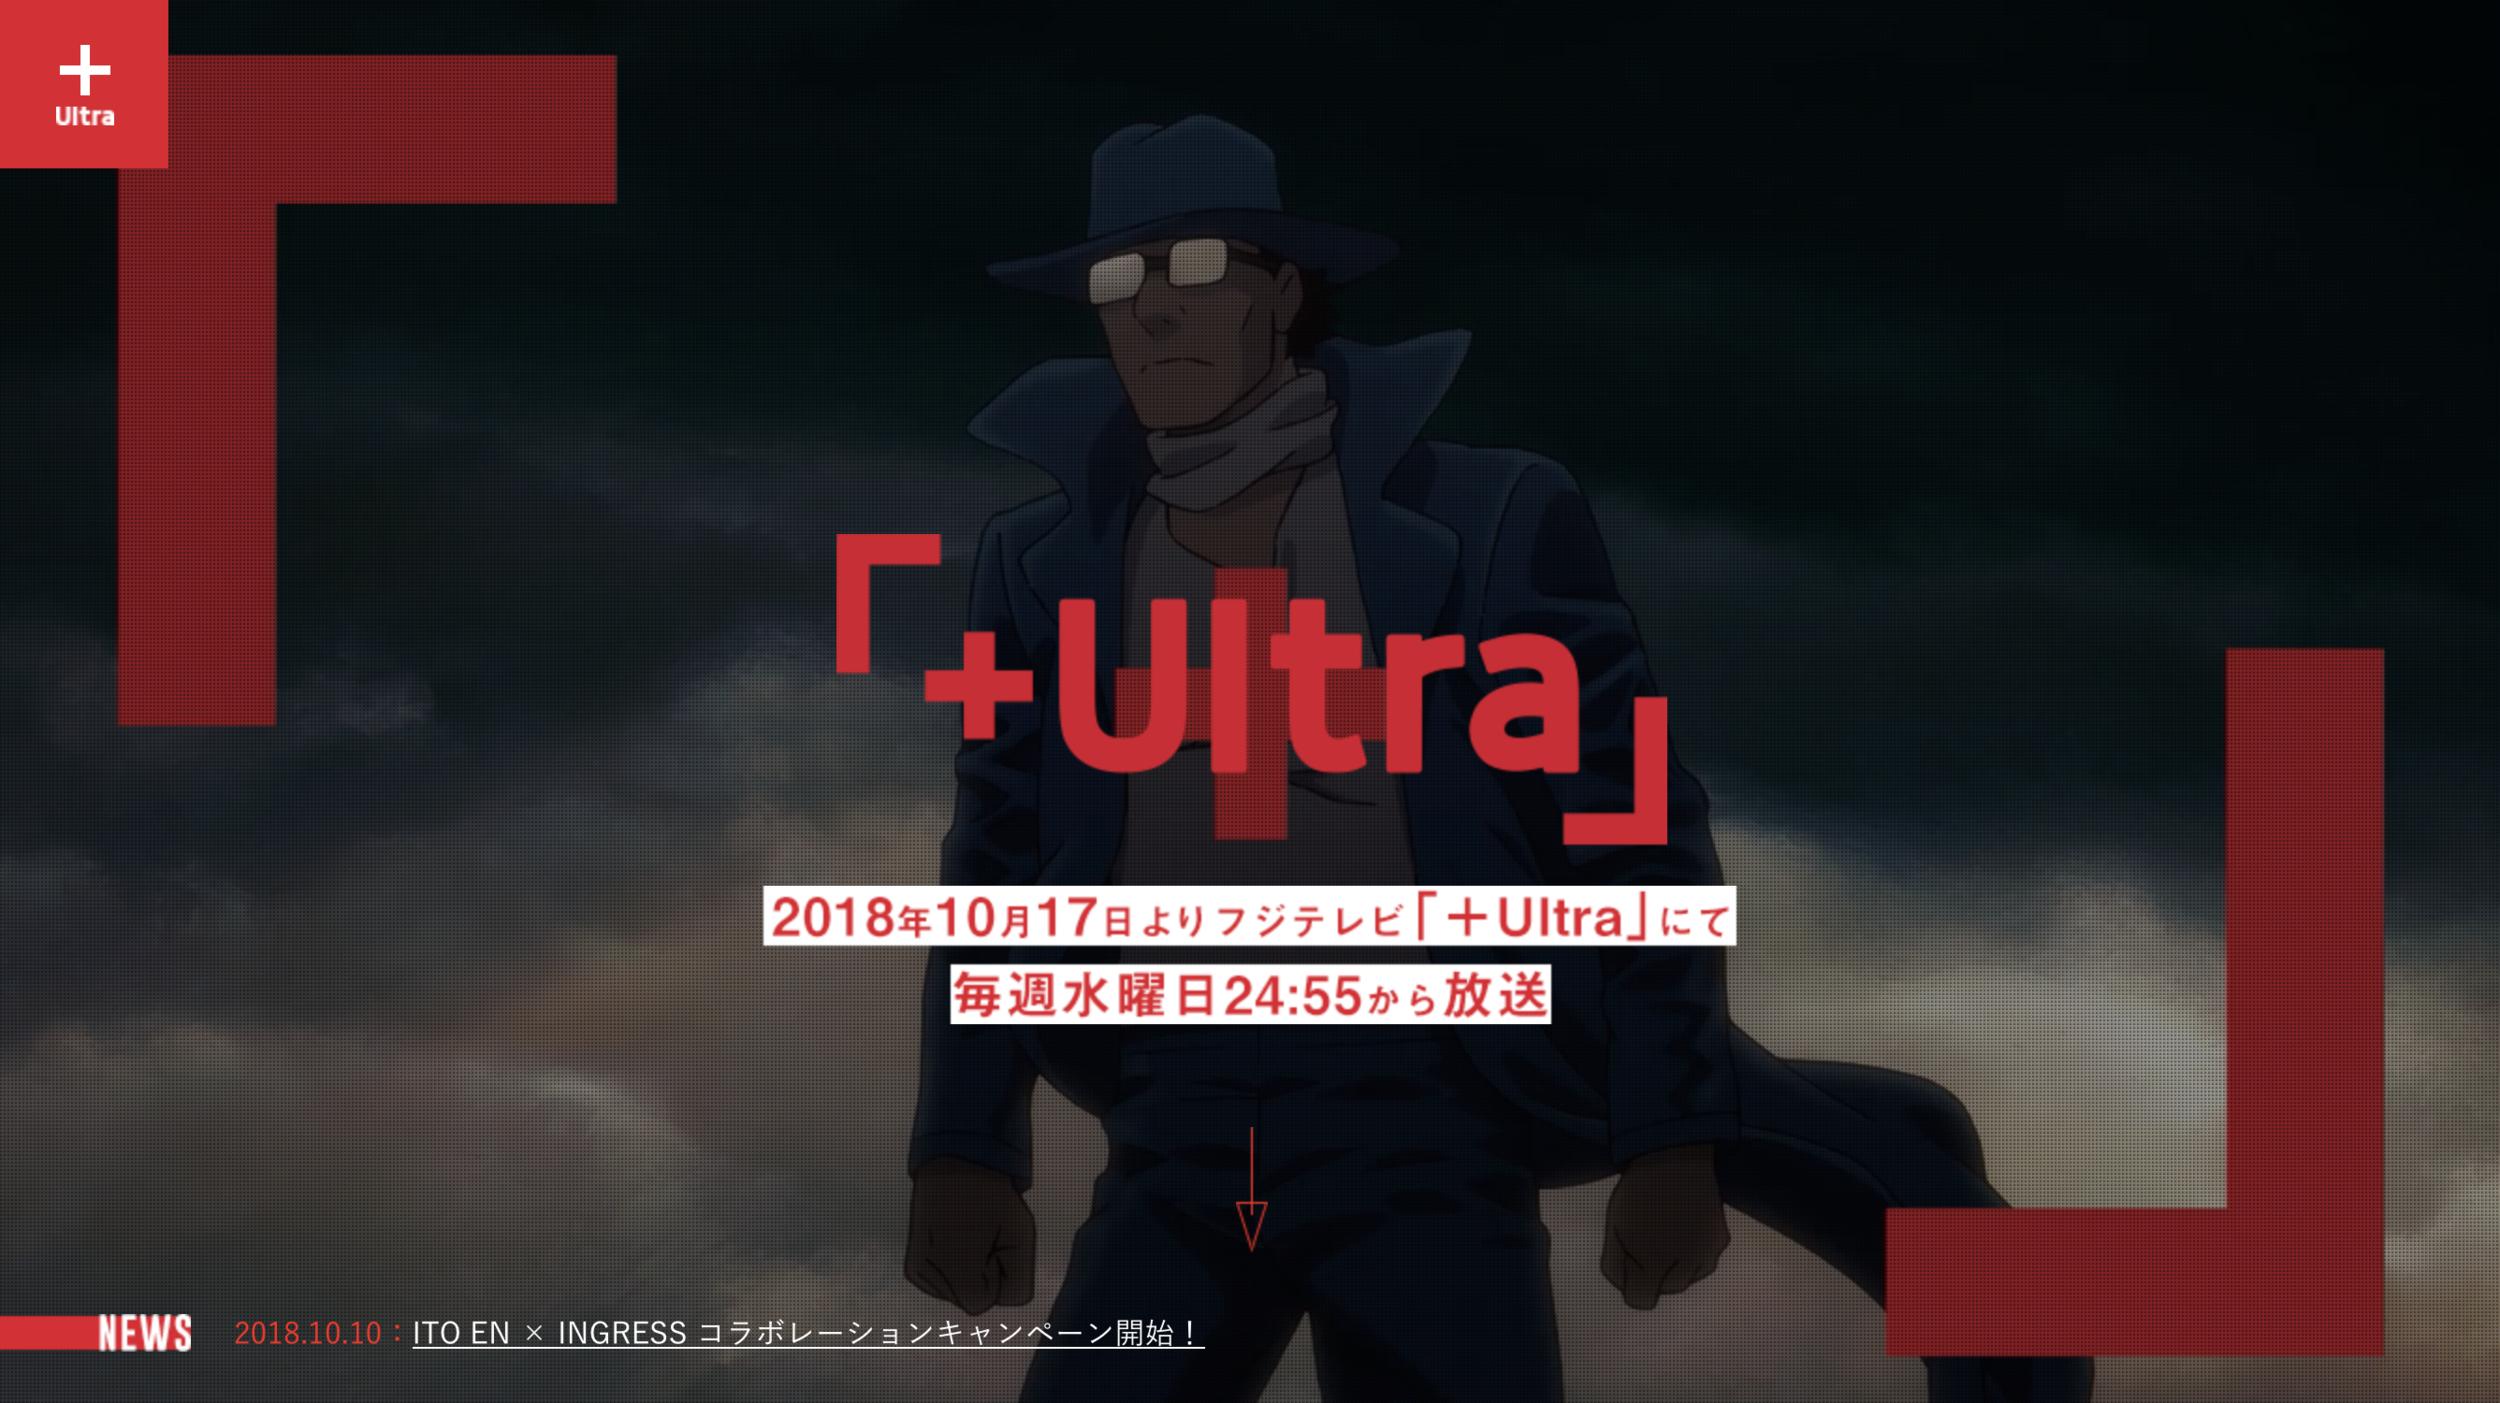 10.17.2018  フジテレビのアニメ番組新枠「+Ultra」のムービングロゴ(大友克洋監督)のサウンドを担当しました。